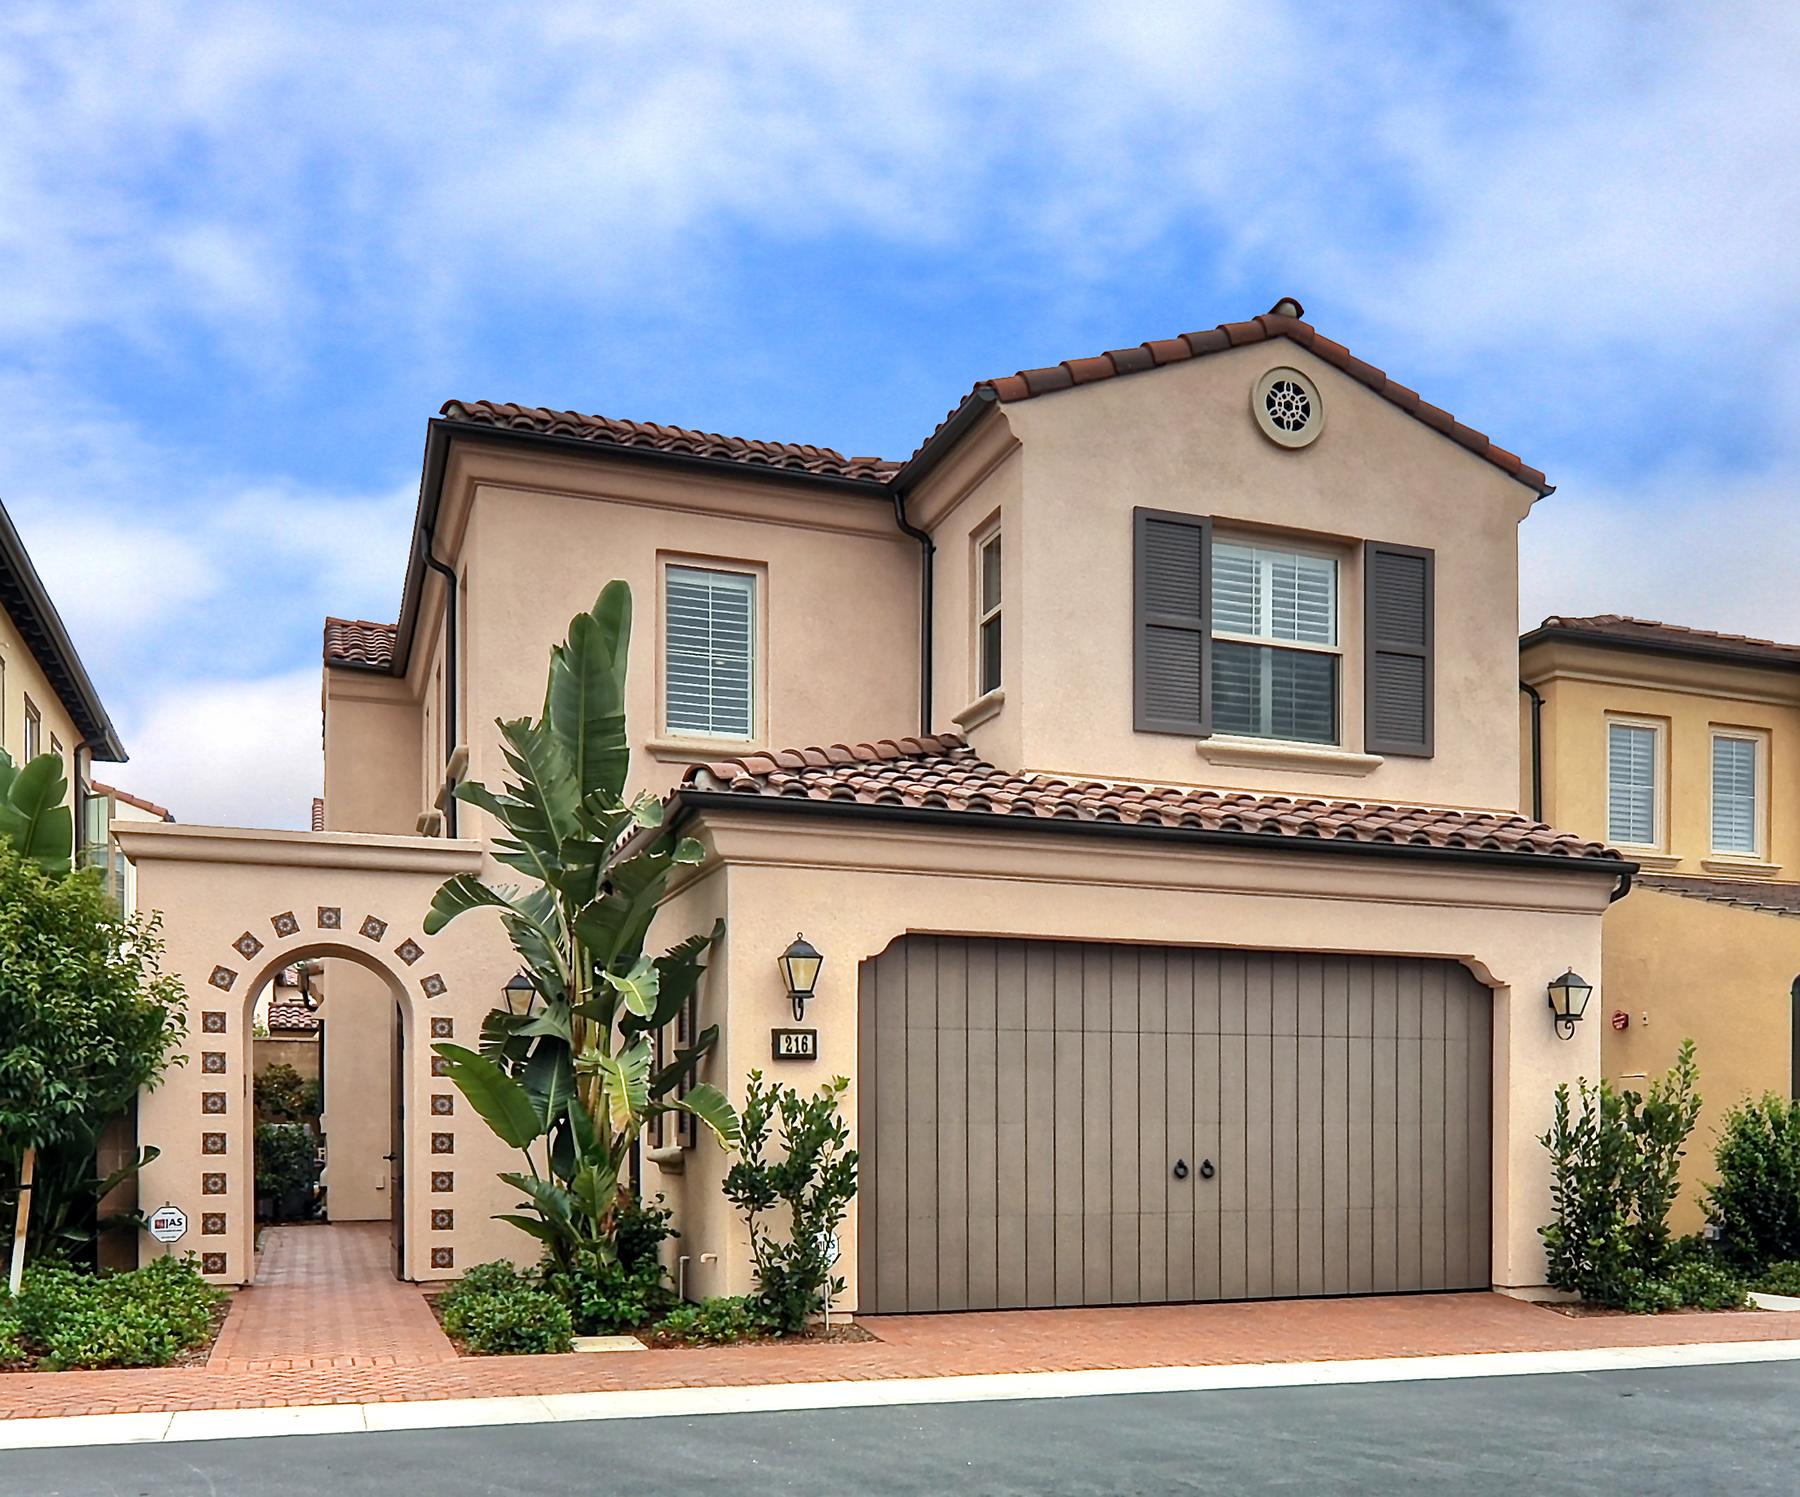 Частный односемейный дом для того Продажа на 216 Bancroft Irvine, Калифорния 92620 Соединенные Штаты